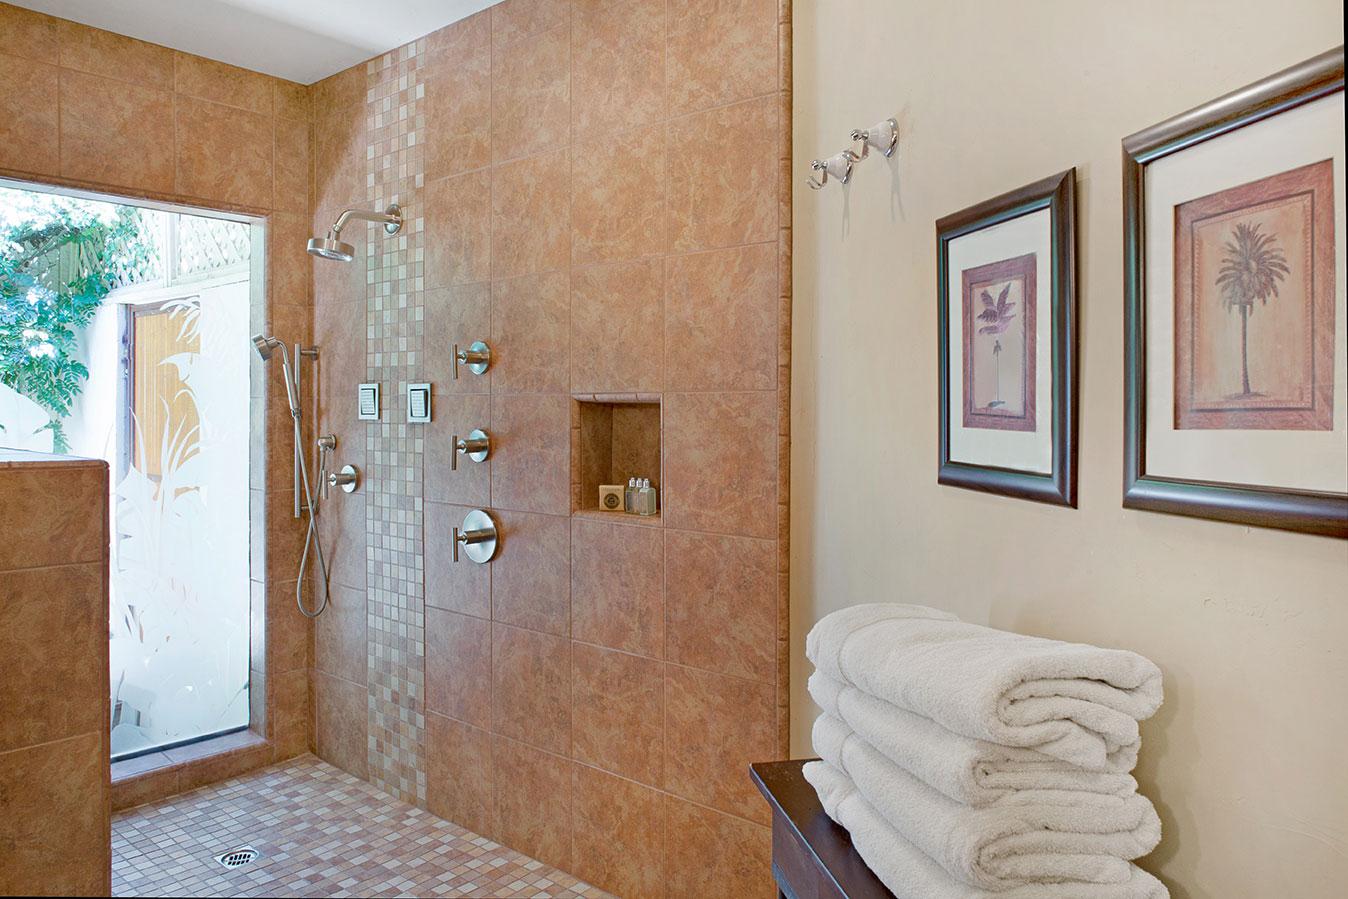 Deluxe Junior Suite bathroom at The Hacienda in Gay Palm Springs